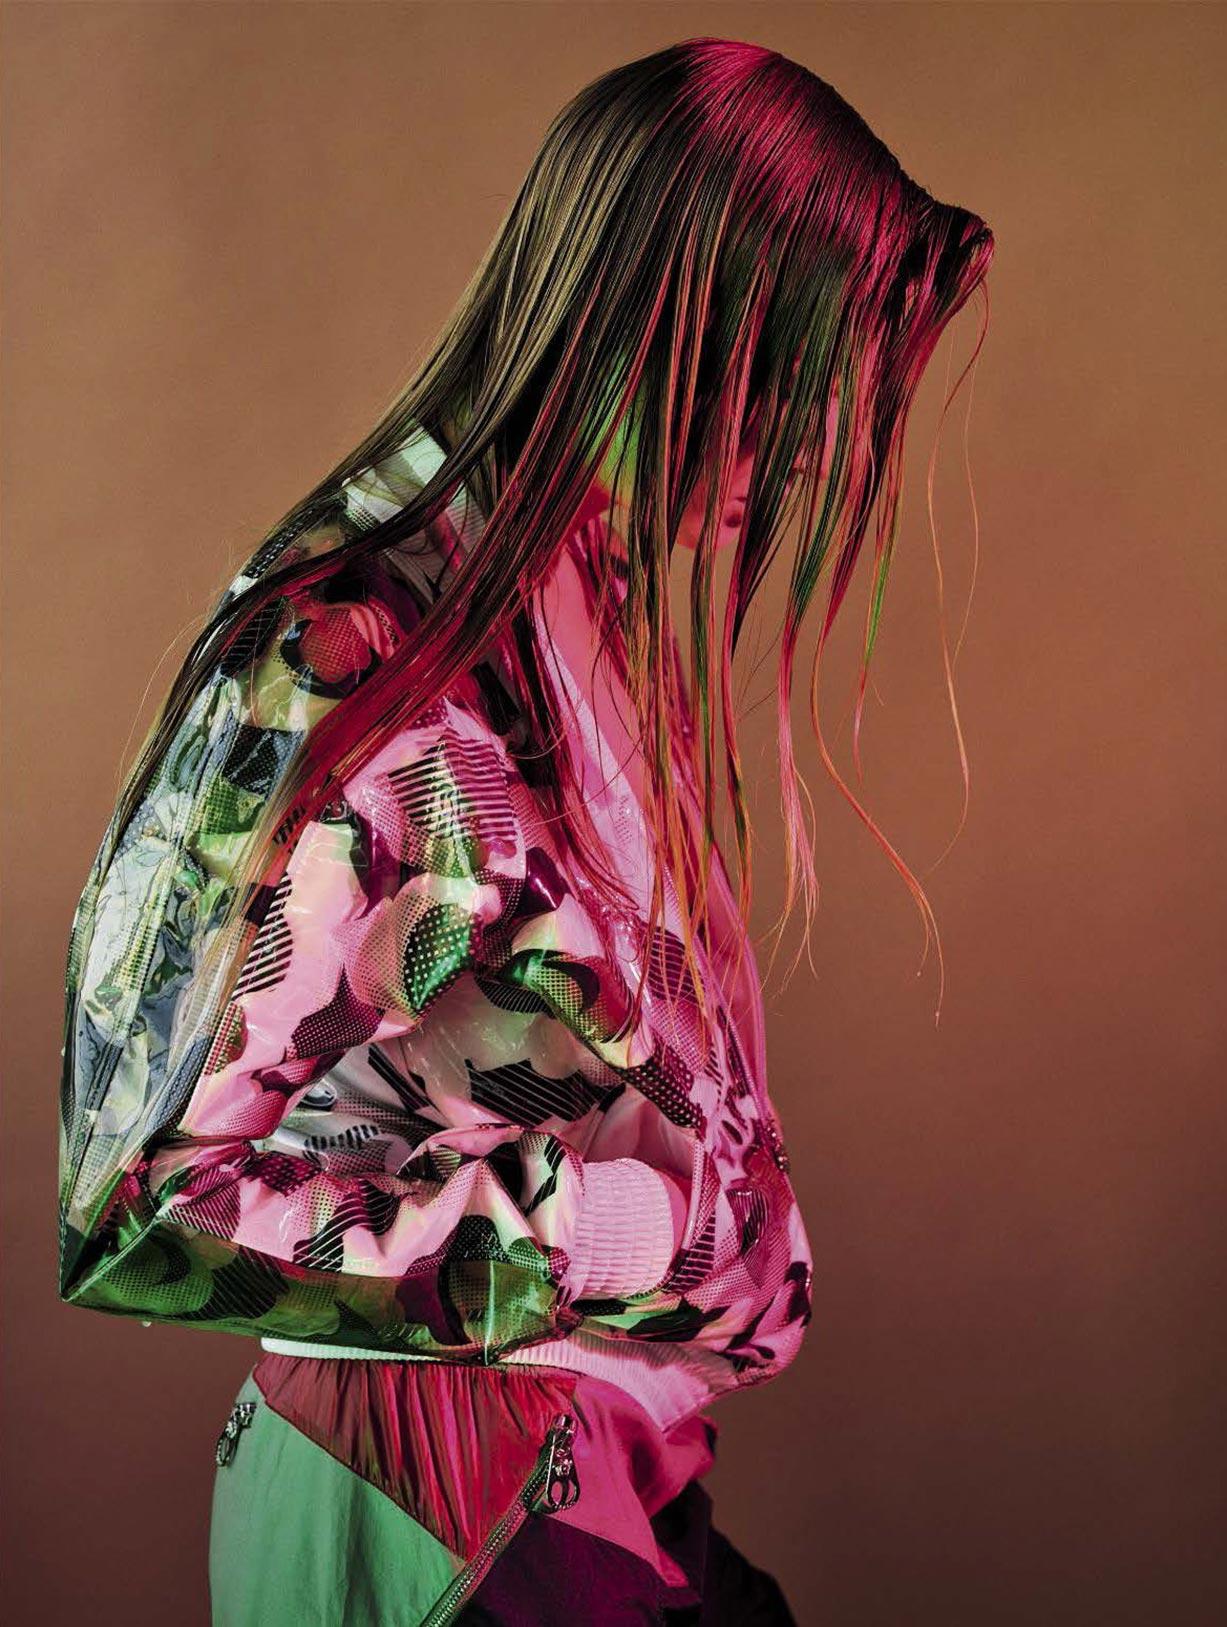 спортивный стиль этого лета - Анна Эверс / Anna Ewers by Mario Sorrenti - Vogue Italia april 2017